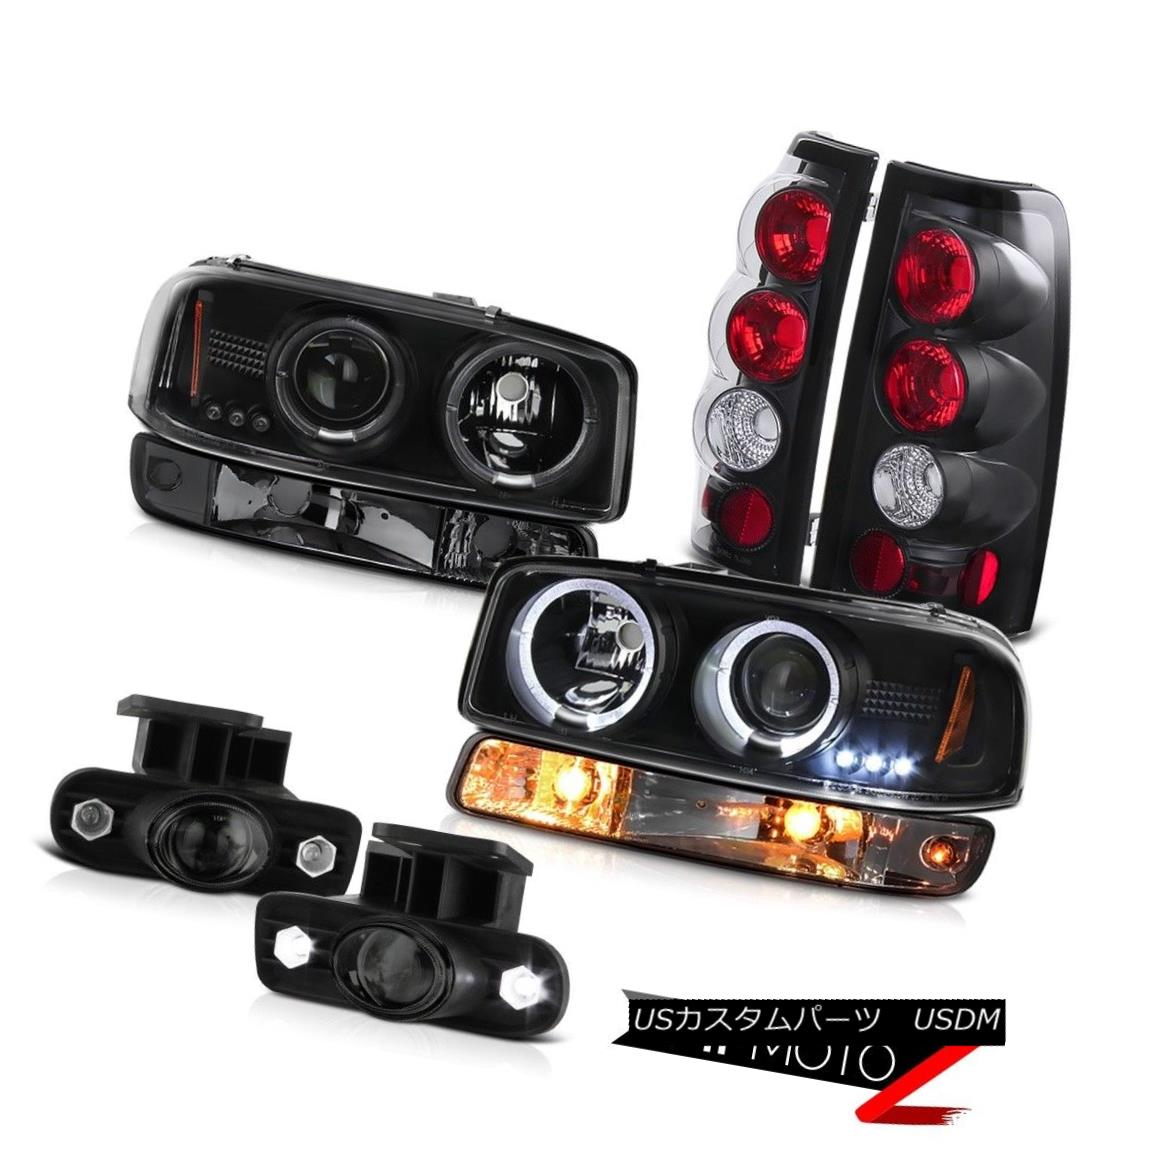 ヘッドライト 99-02 Sierra 4.3L Fog lights inky black tail brake bumper light Headlights Euro 99-02シエラ4.3Lフォグライトインクニーブラックテールブレーキバンパーライトヘッドライトユーロ